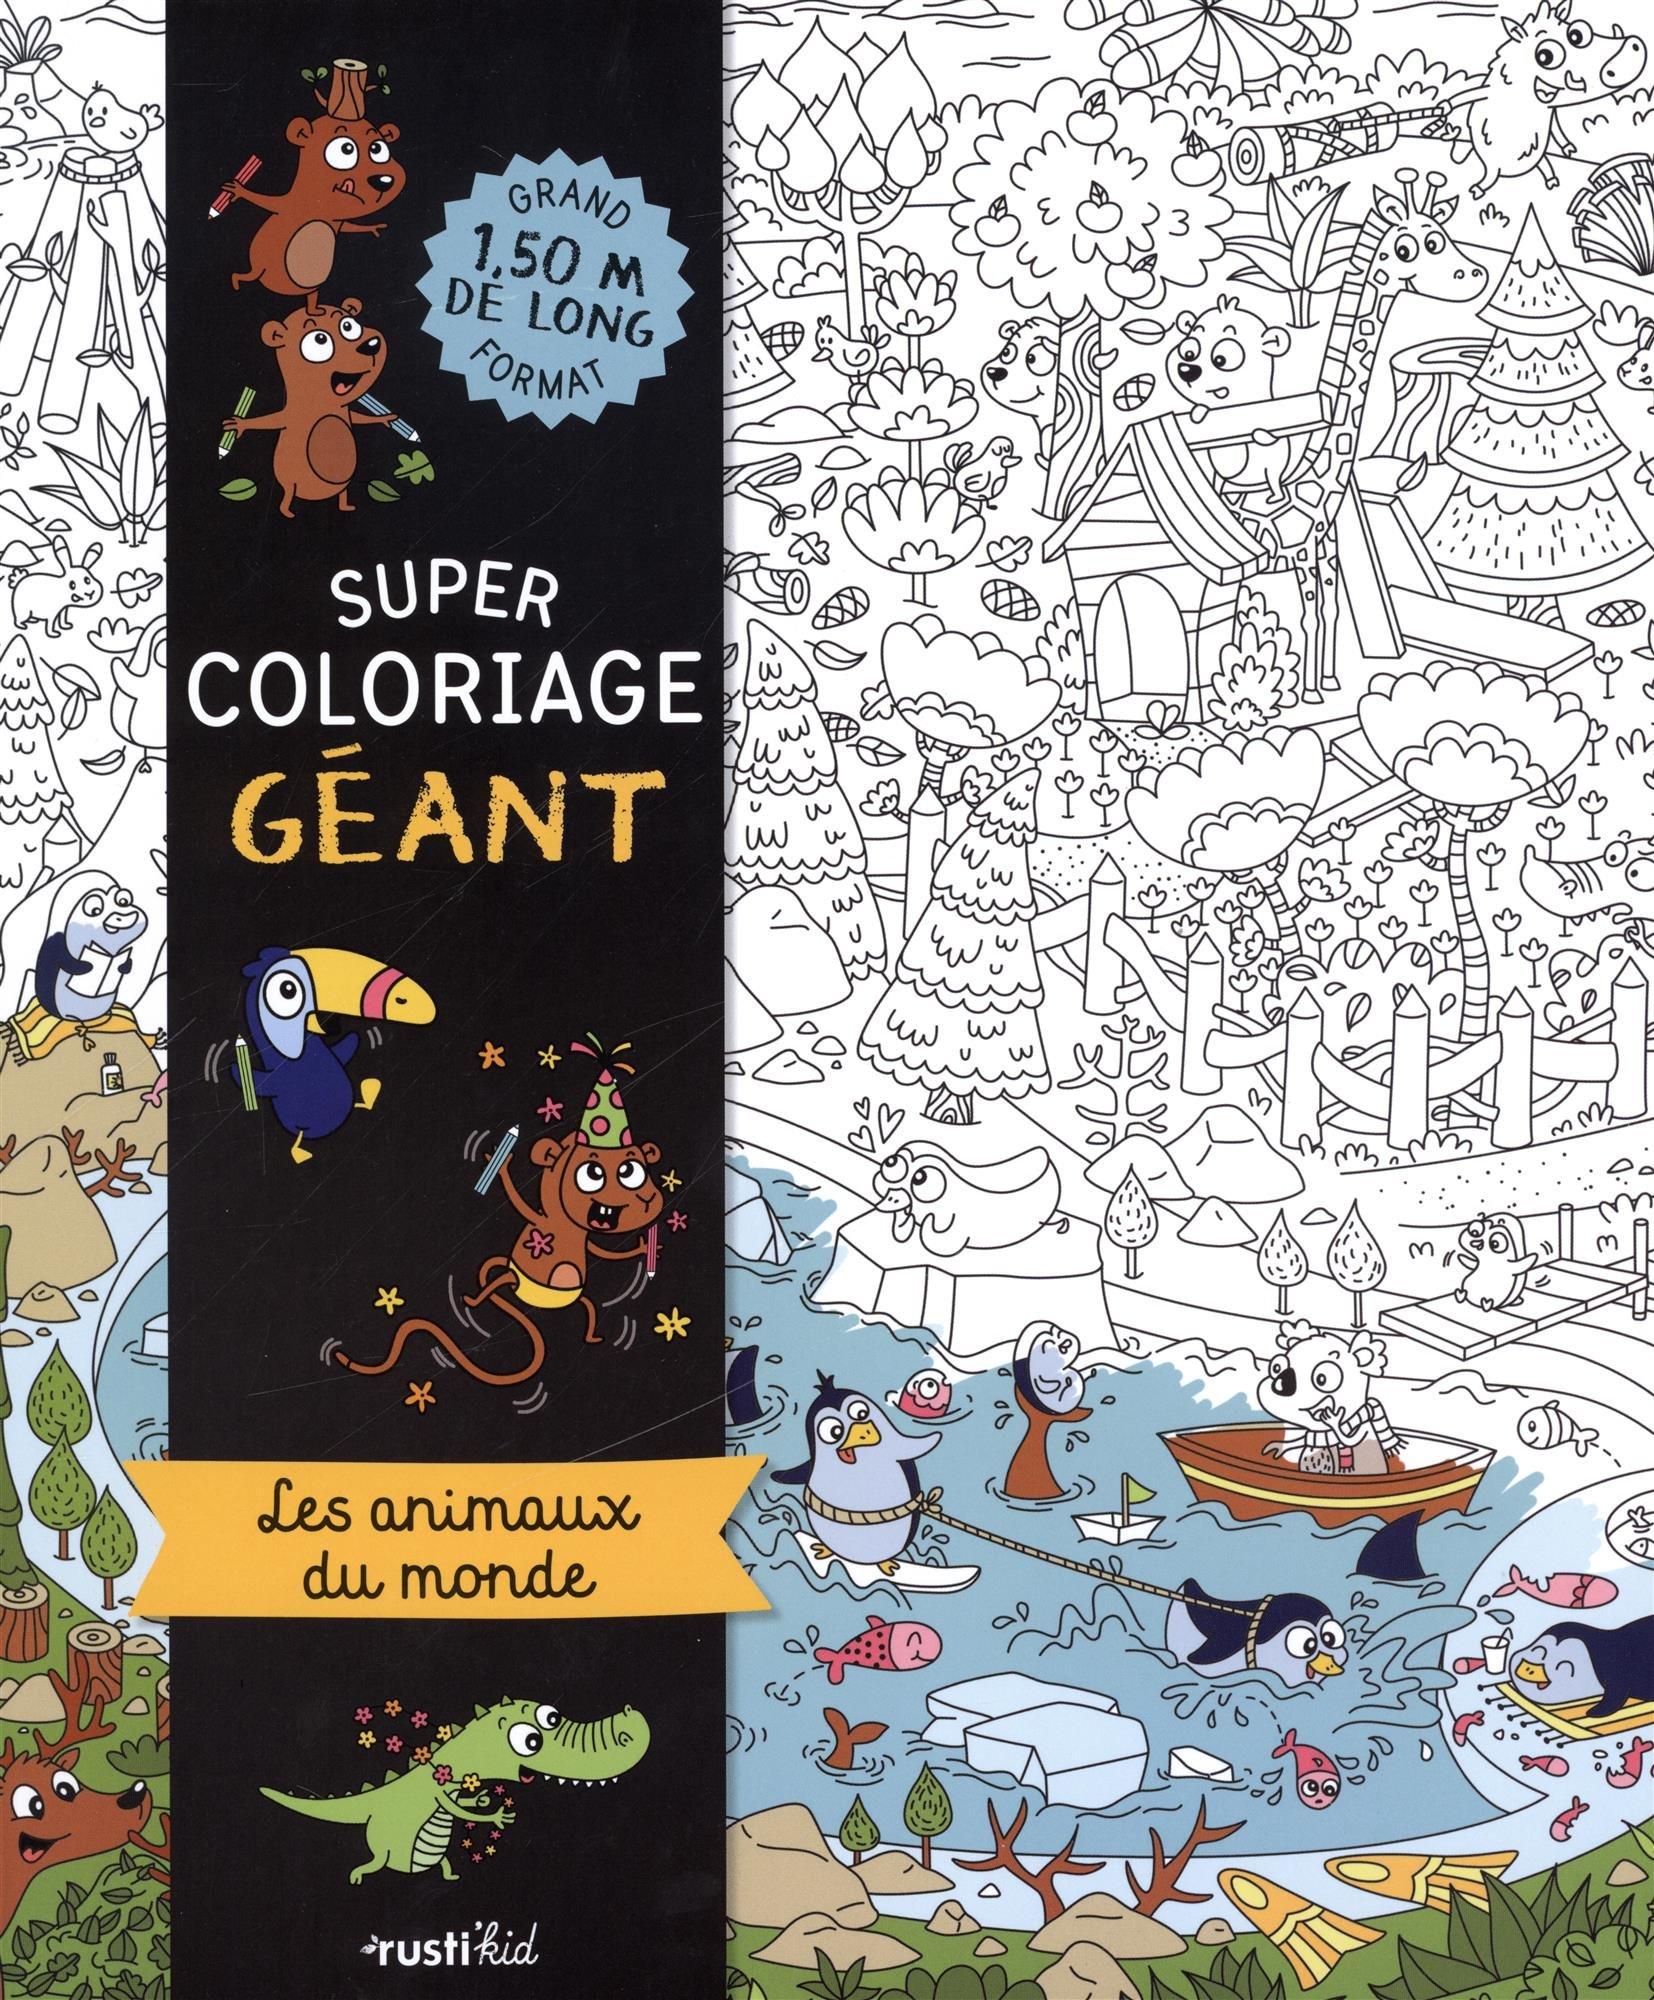 Coloriage Geant Animaux.Super Coloriage Geant Les Animaux Du Monde Amazon Fr